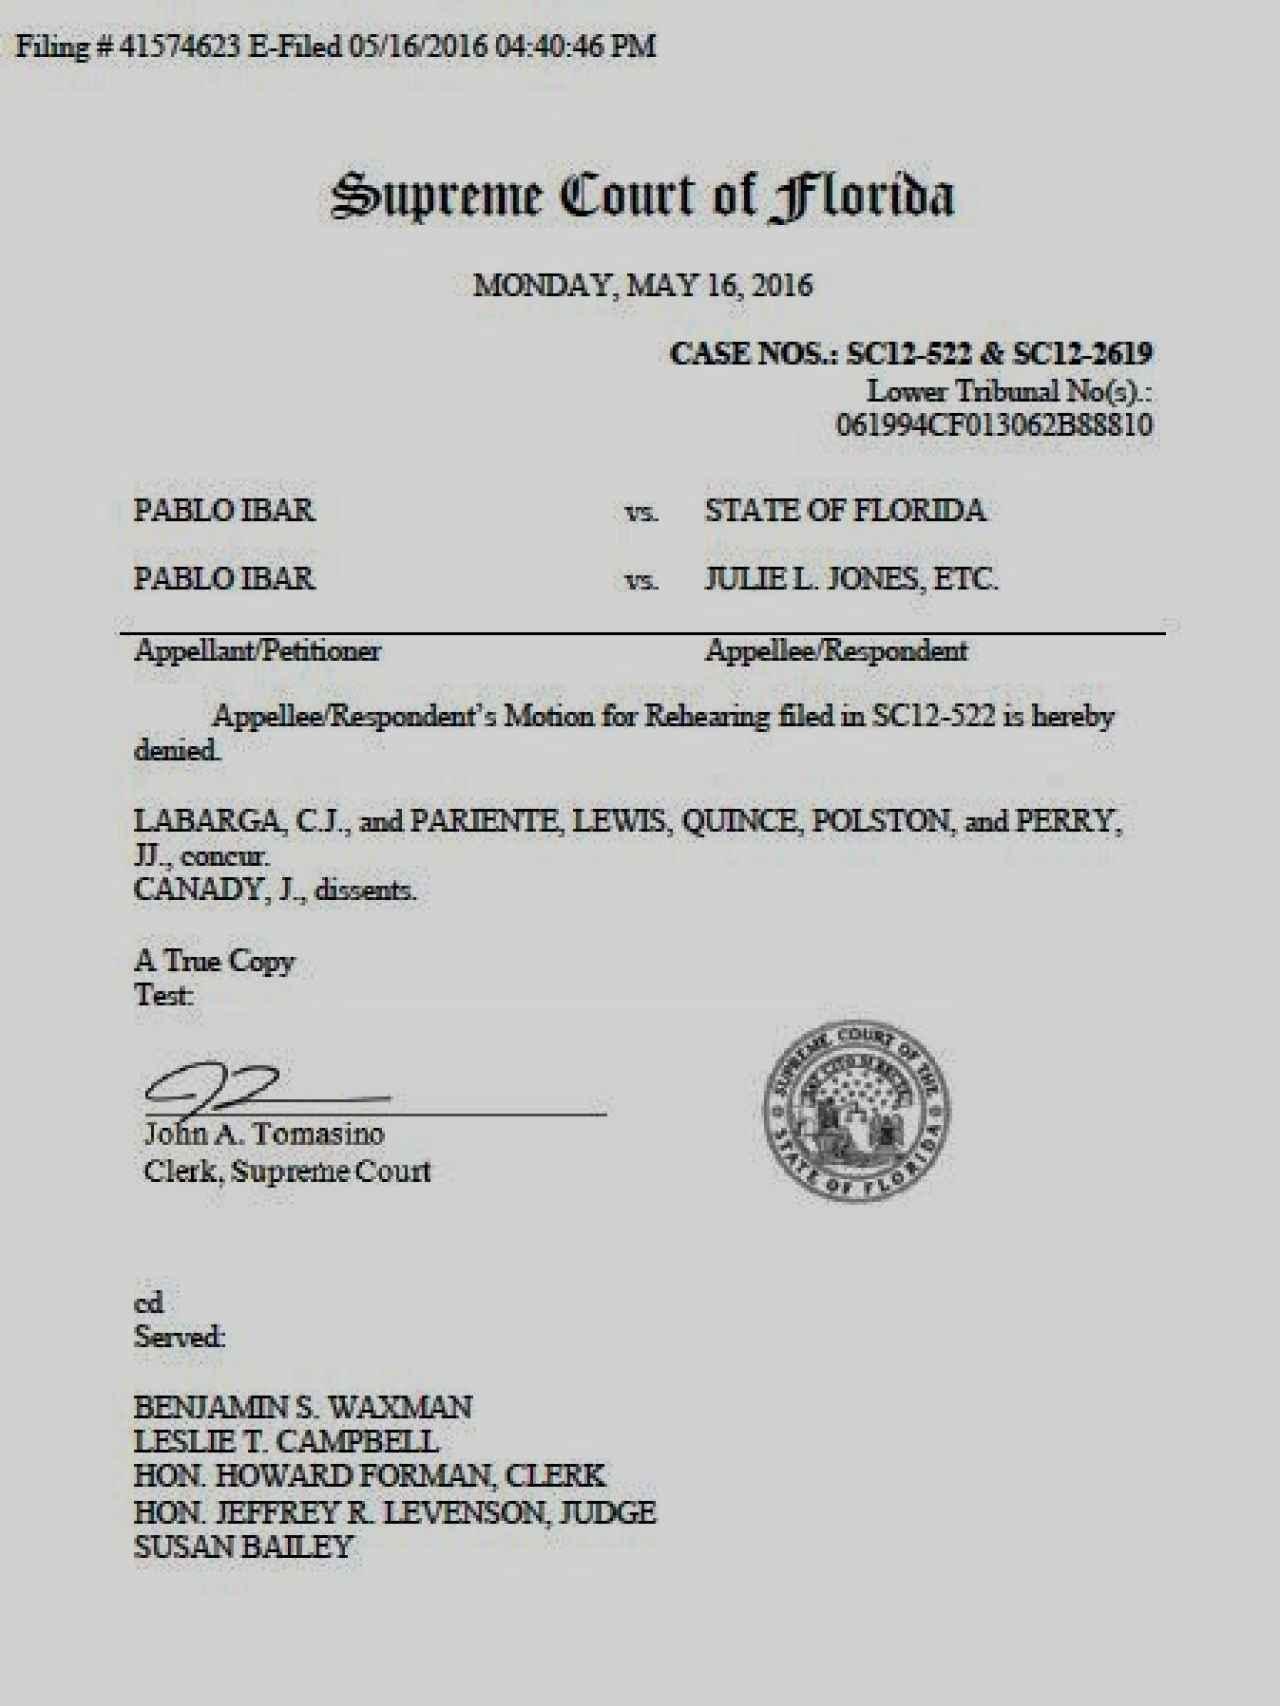 Documento con el que el Tribunal Supremo de Florida desestima el recurso del fiscal y ofrece un nuevo juicio a Pablo Ibar.